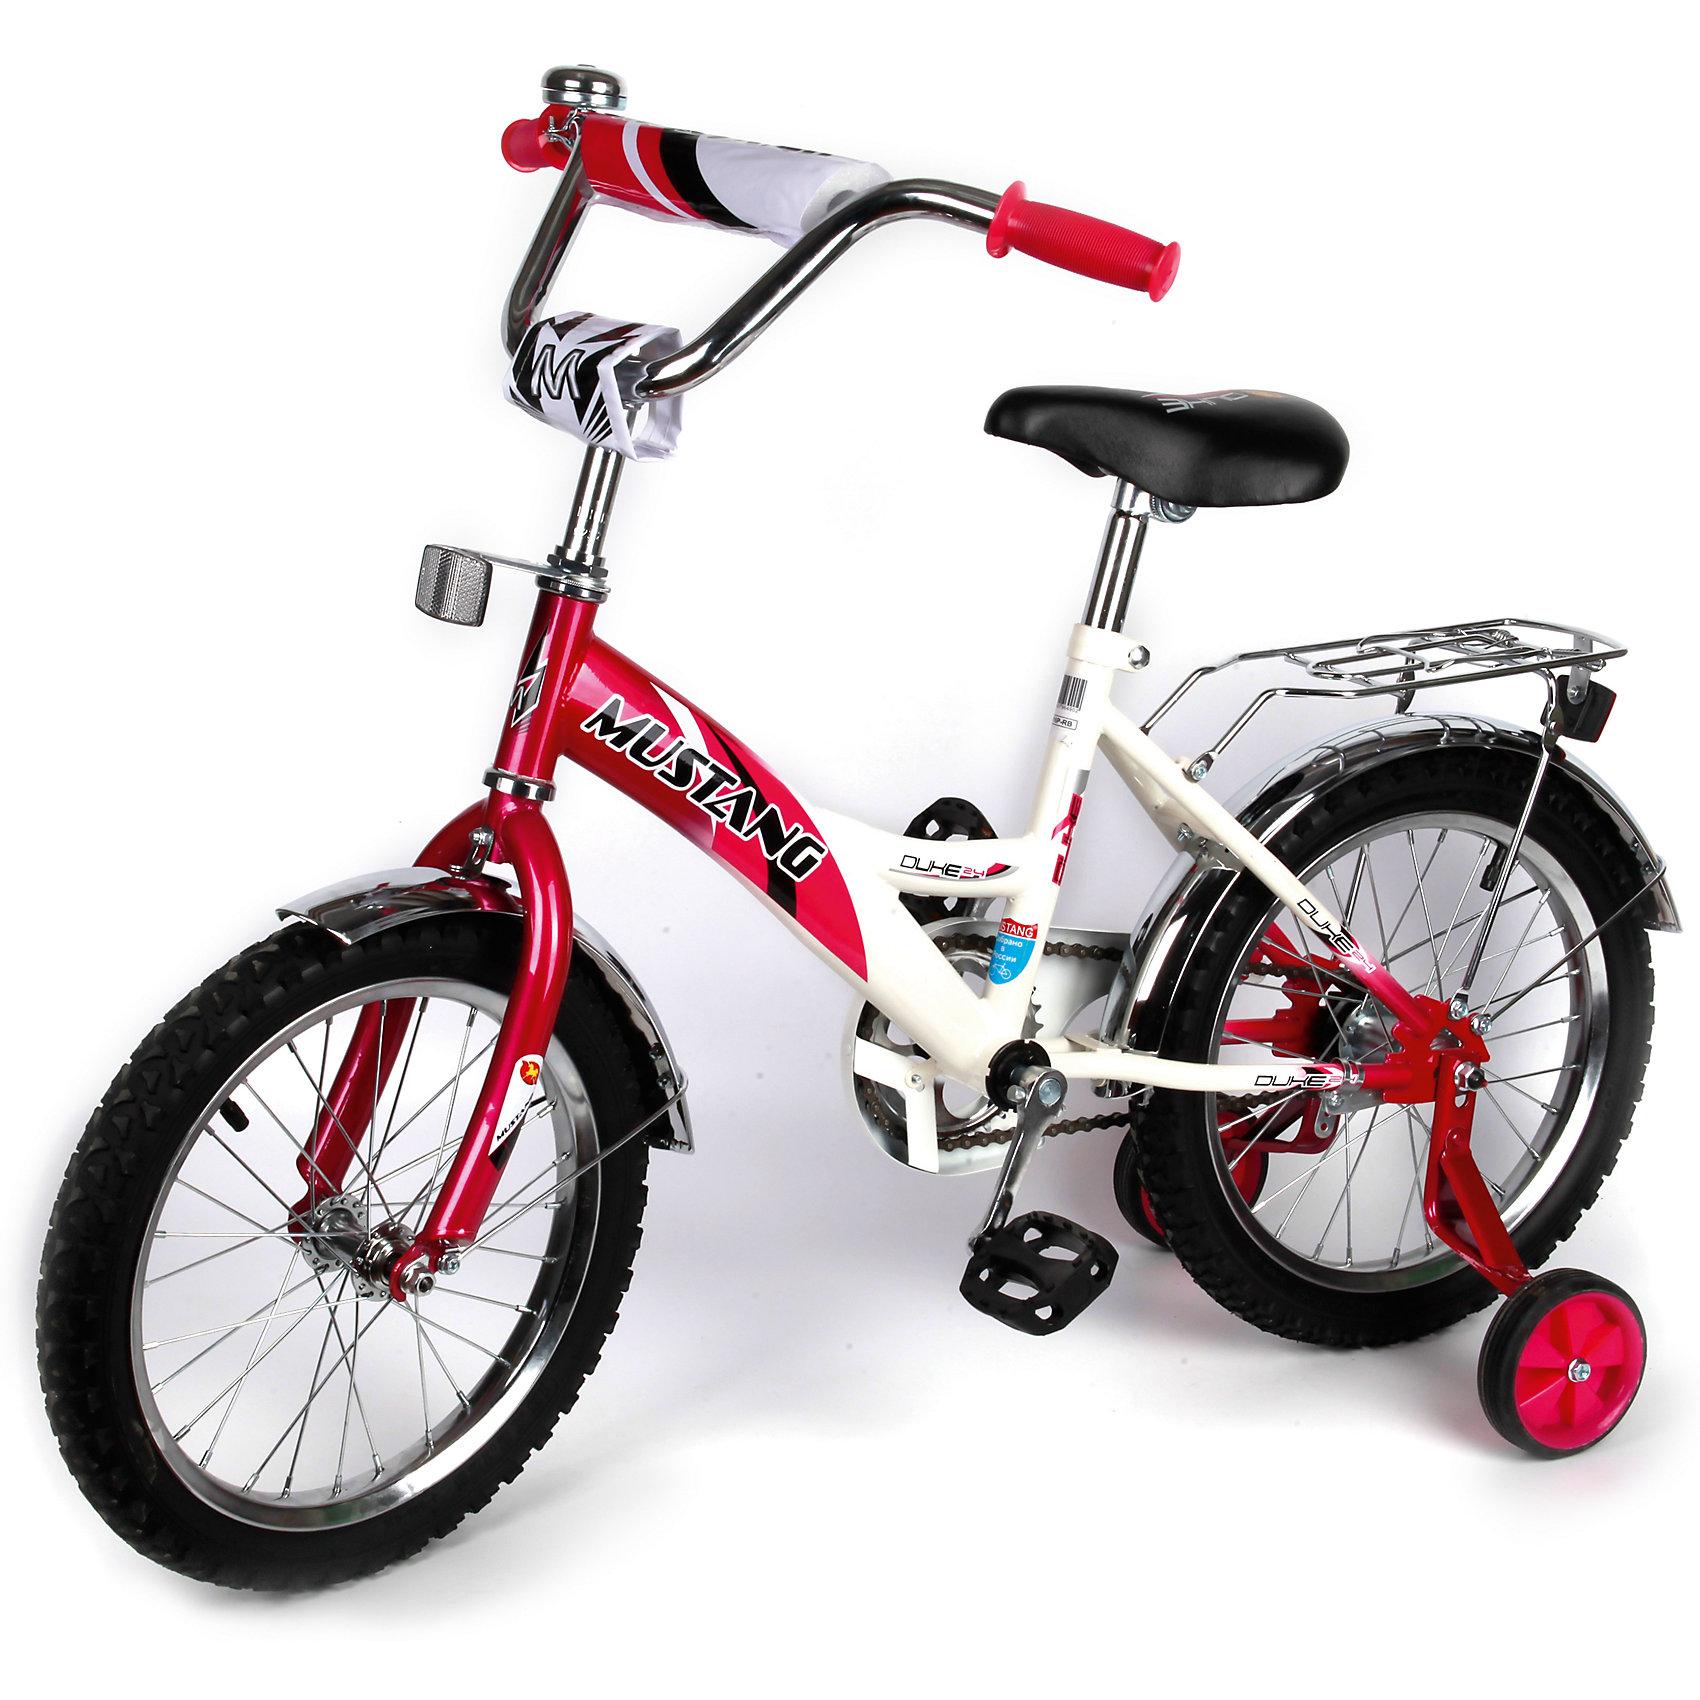 """Детский велосипед,  14"""",  малиновый/белый, MustangВелосипед детский «Mustang» 14"""", низкая рама, 1 скорость, задний ножной тормоз, регулируемый хромированный руль BMX с защитной накладкой, багажник и звонок, приставные пластиковые колеса с усиленным кронштейном, полная защита цепи """"P"""" типа, усиленные хромированные крылья, ограничитель поворота руля,  малиновый/белый.<br><br>Ширина мм: 500<br>Глубина мм: 680<br>Высота мм: 1000<br>Вес г: 10500<br>Возраст от месяцев: 36<br>Возраст до месяцев: 72<br>Пол: Женский<br>Возраст: Детский<br>SKU: 5526388"""